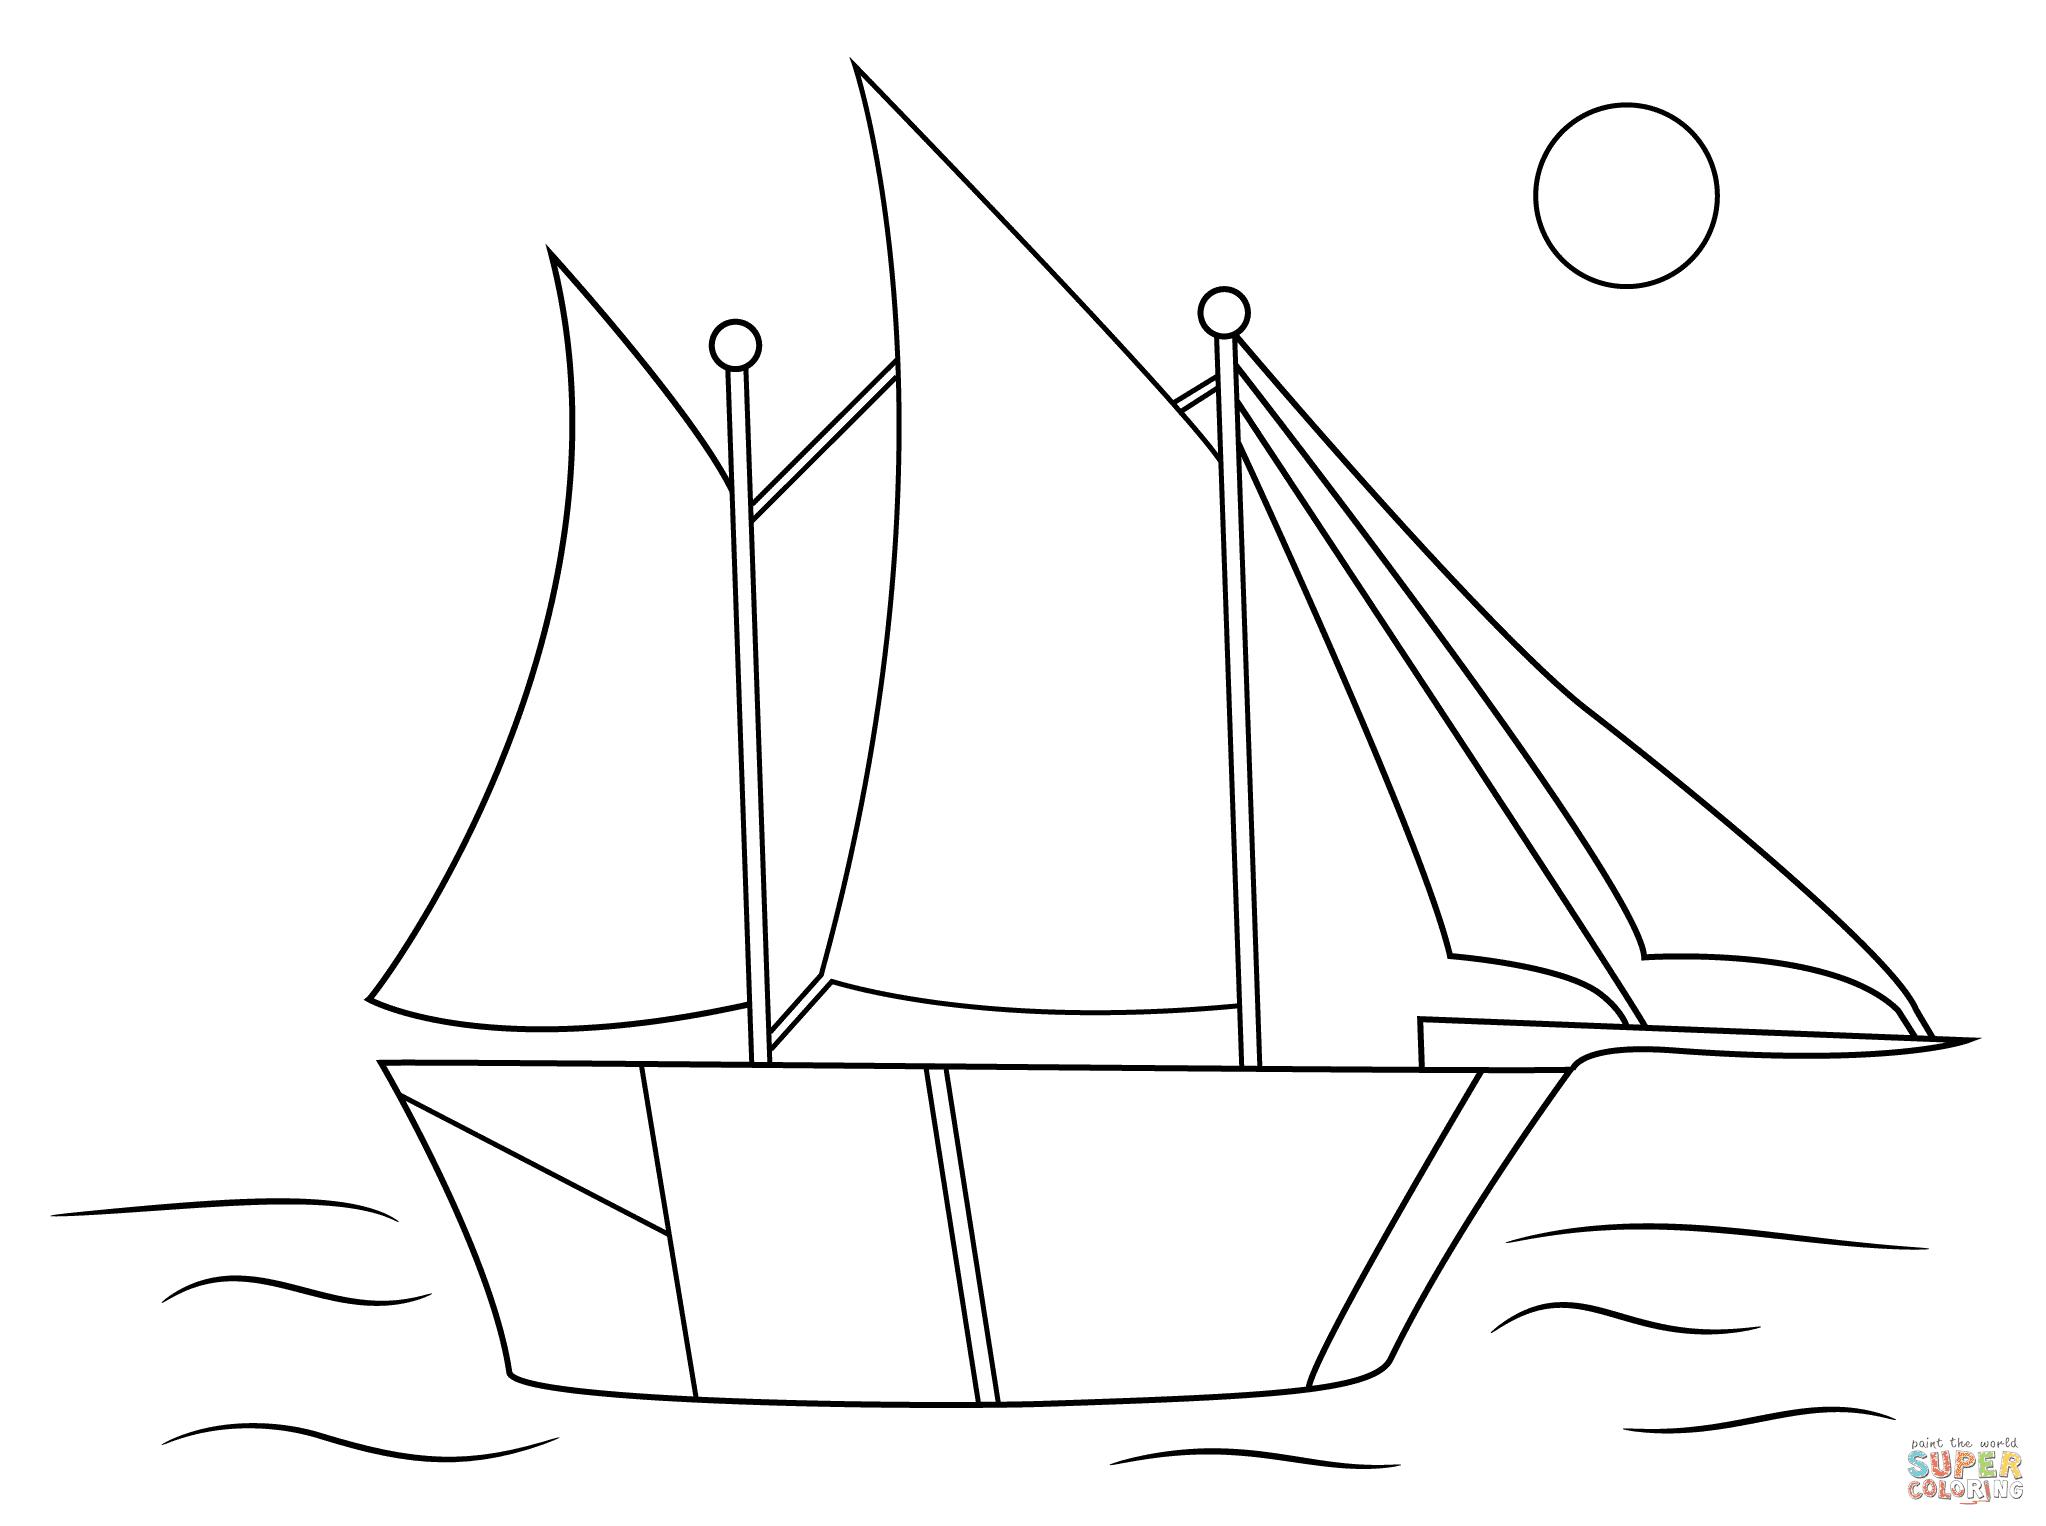 Dibujo De Dibujo Aborigen De Un Barco De Vela Para Colorear